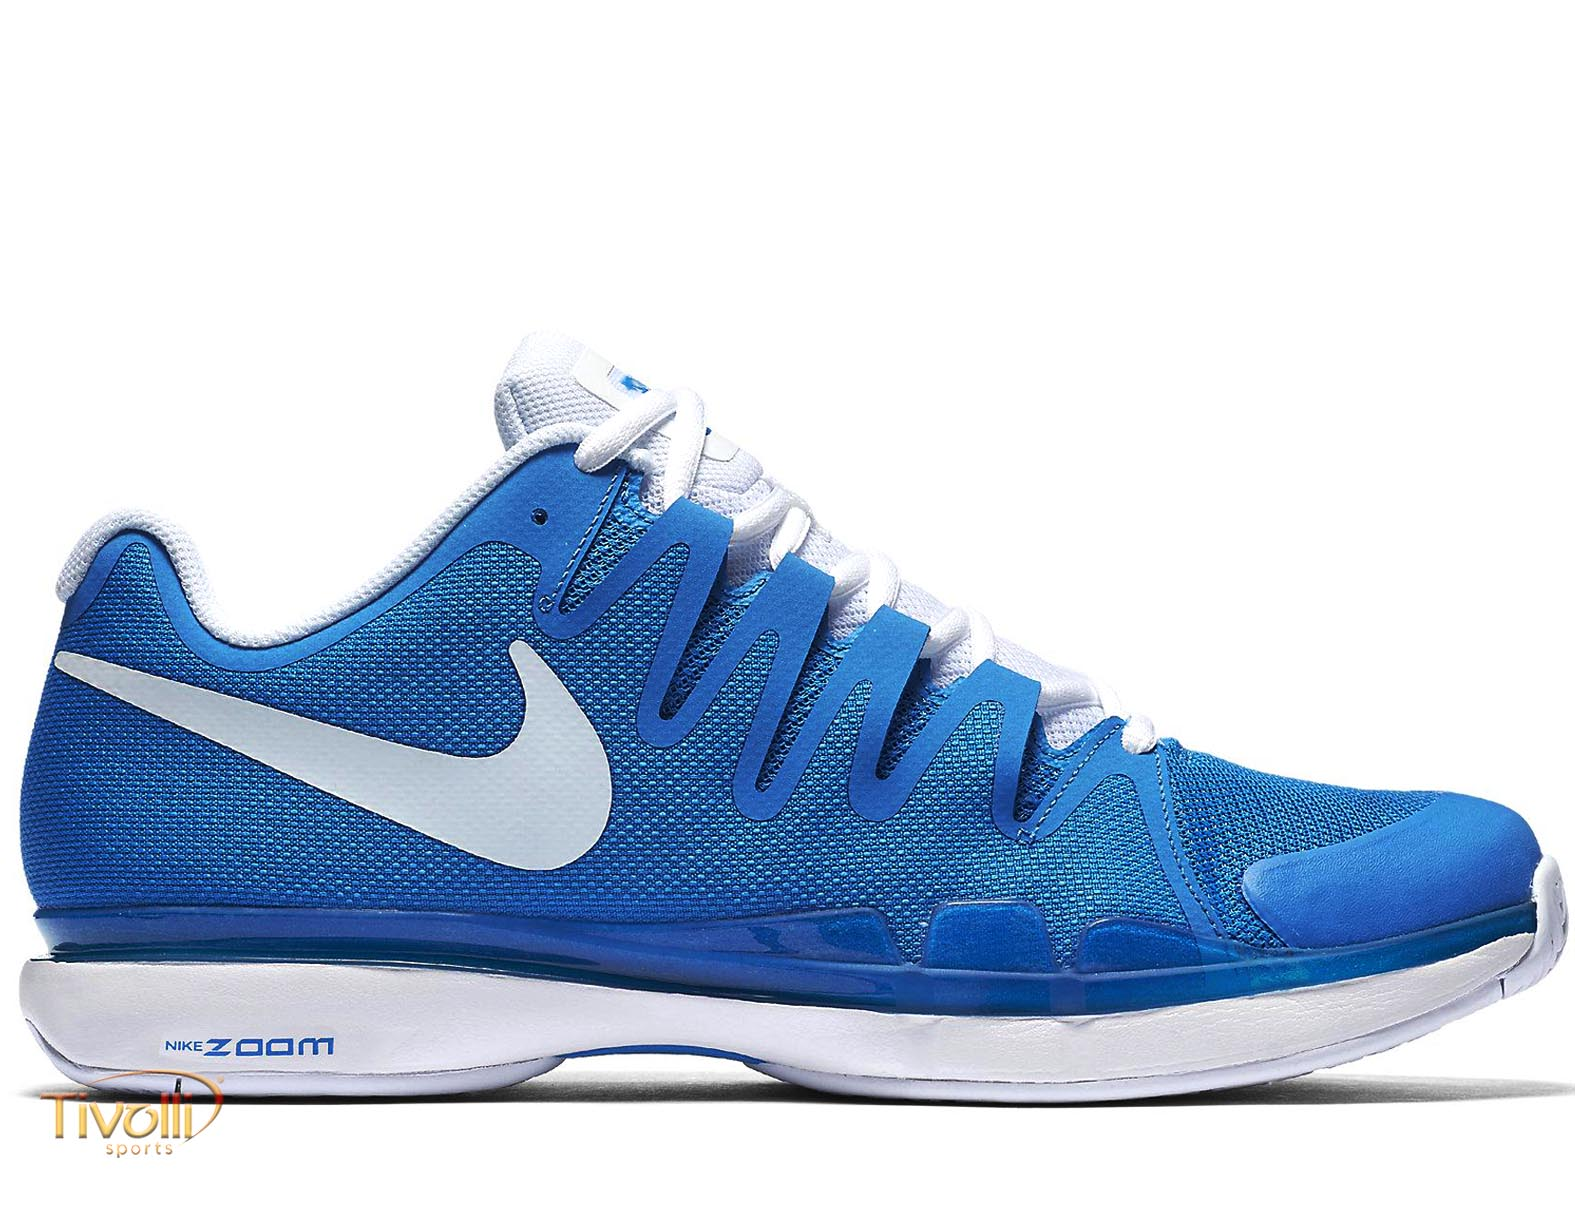 ee7349ff9a1 Tênis Nike Zoom Vapor 9.5 Tour Azul e Branco - Roger Federer. Código  631458  404. Por  R  599 ...